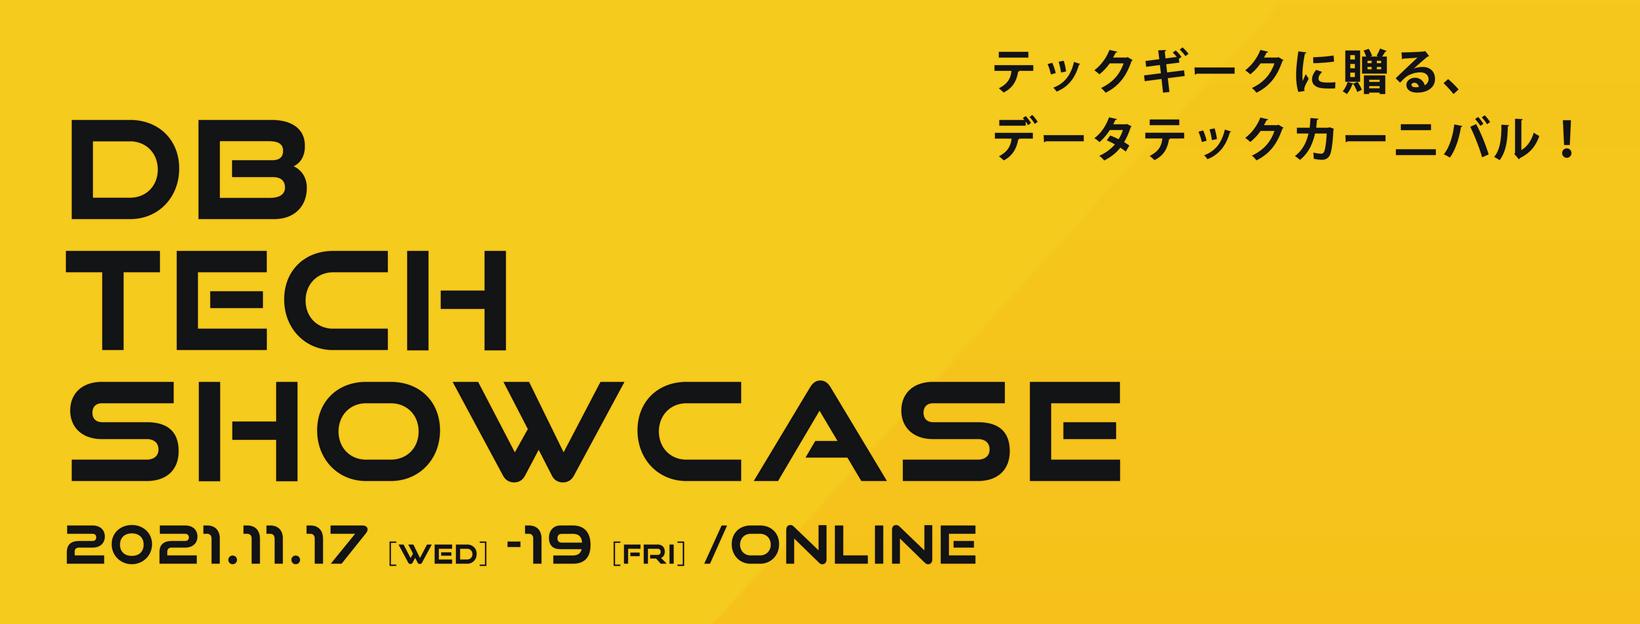 db tech showcase Tokyo 2020